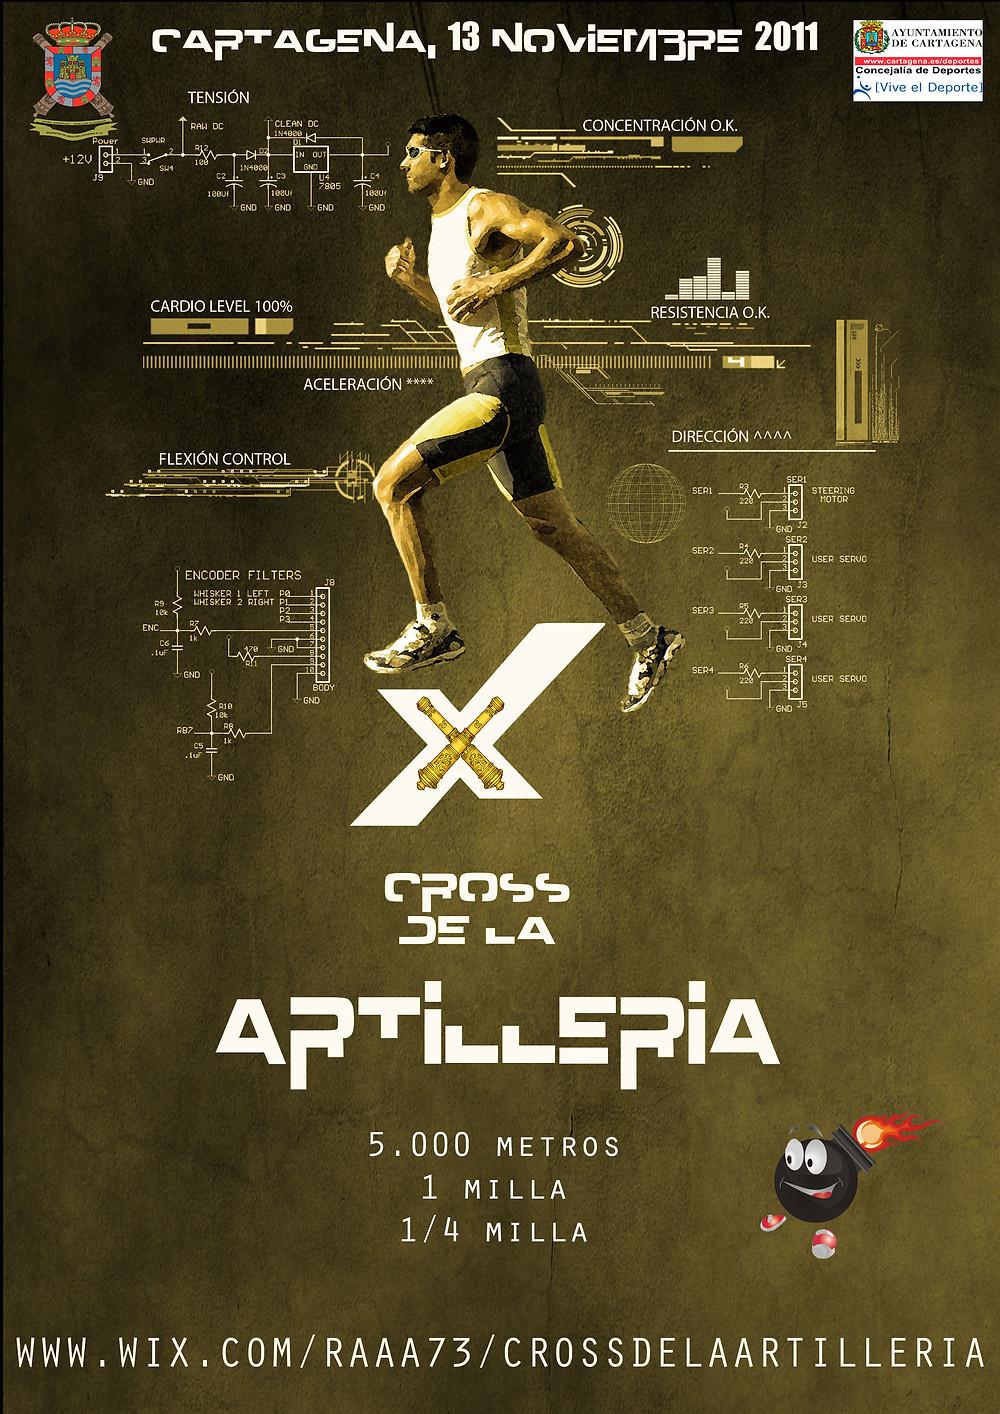 CROSS+ARTILLERIA+2011+sin+logotipos.jpg